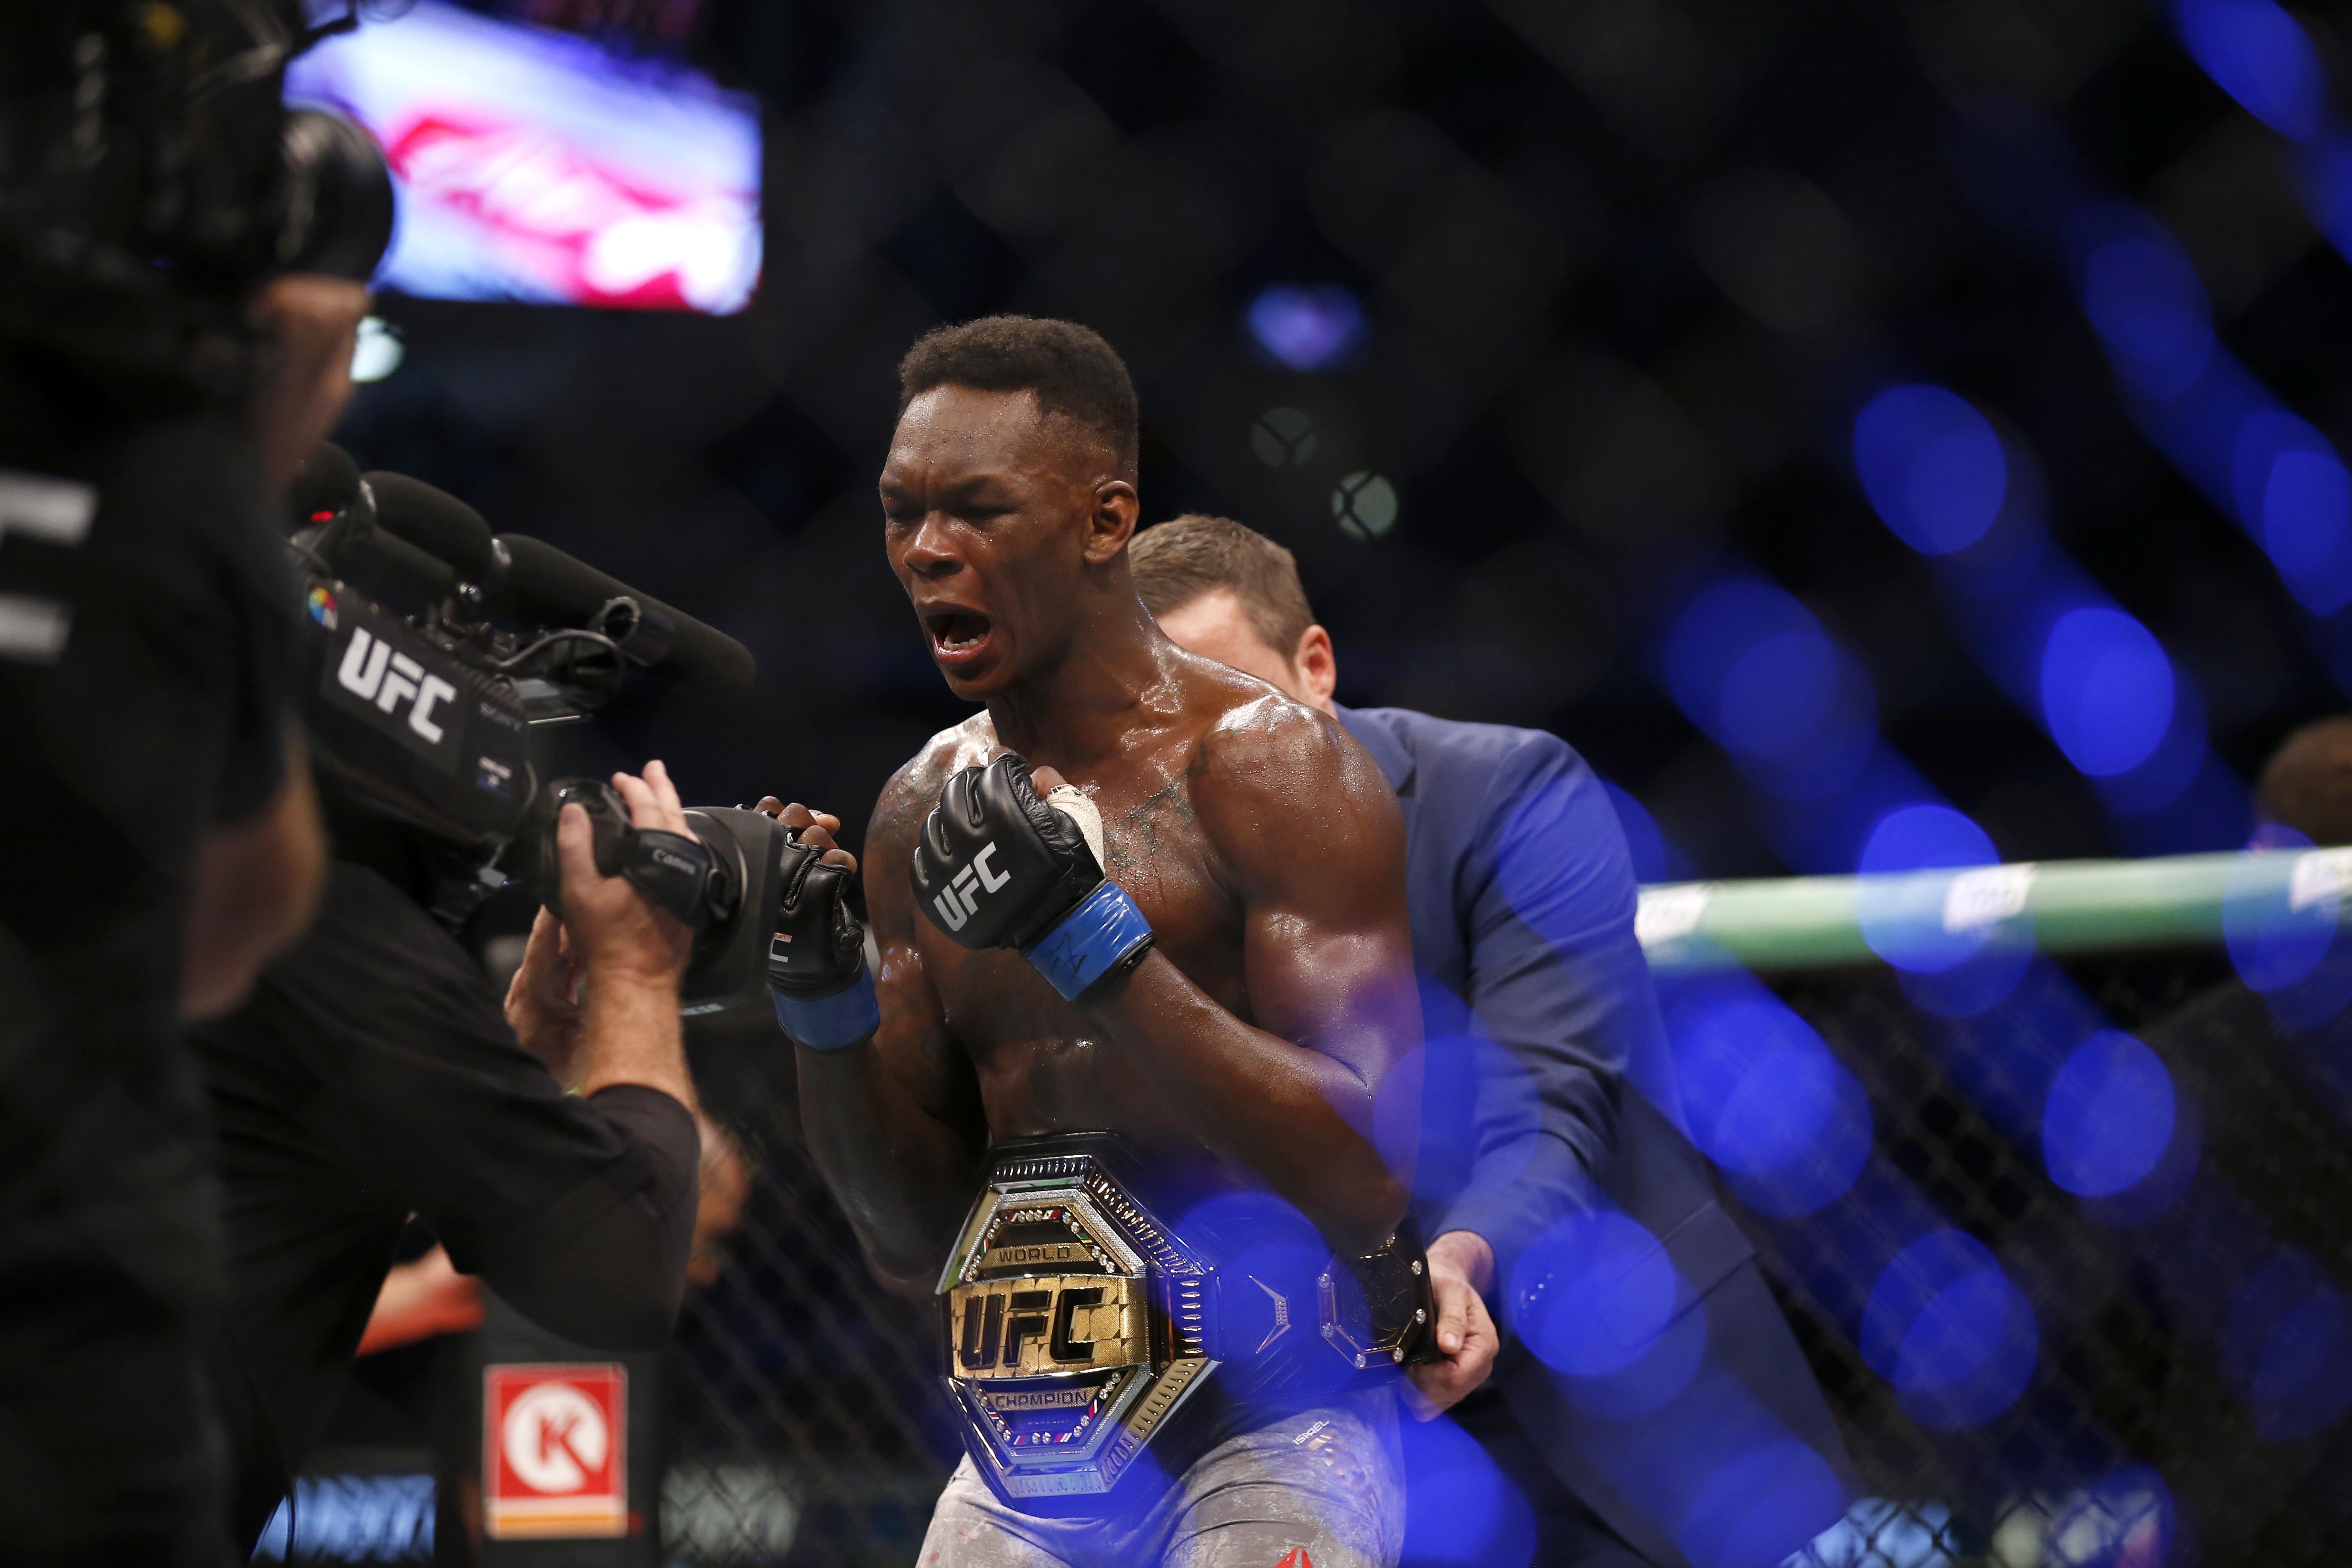 UFC 243 Whittaker v Adesanya